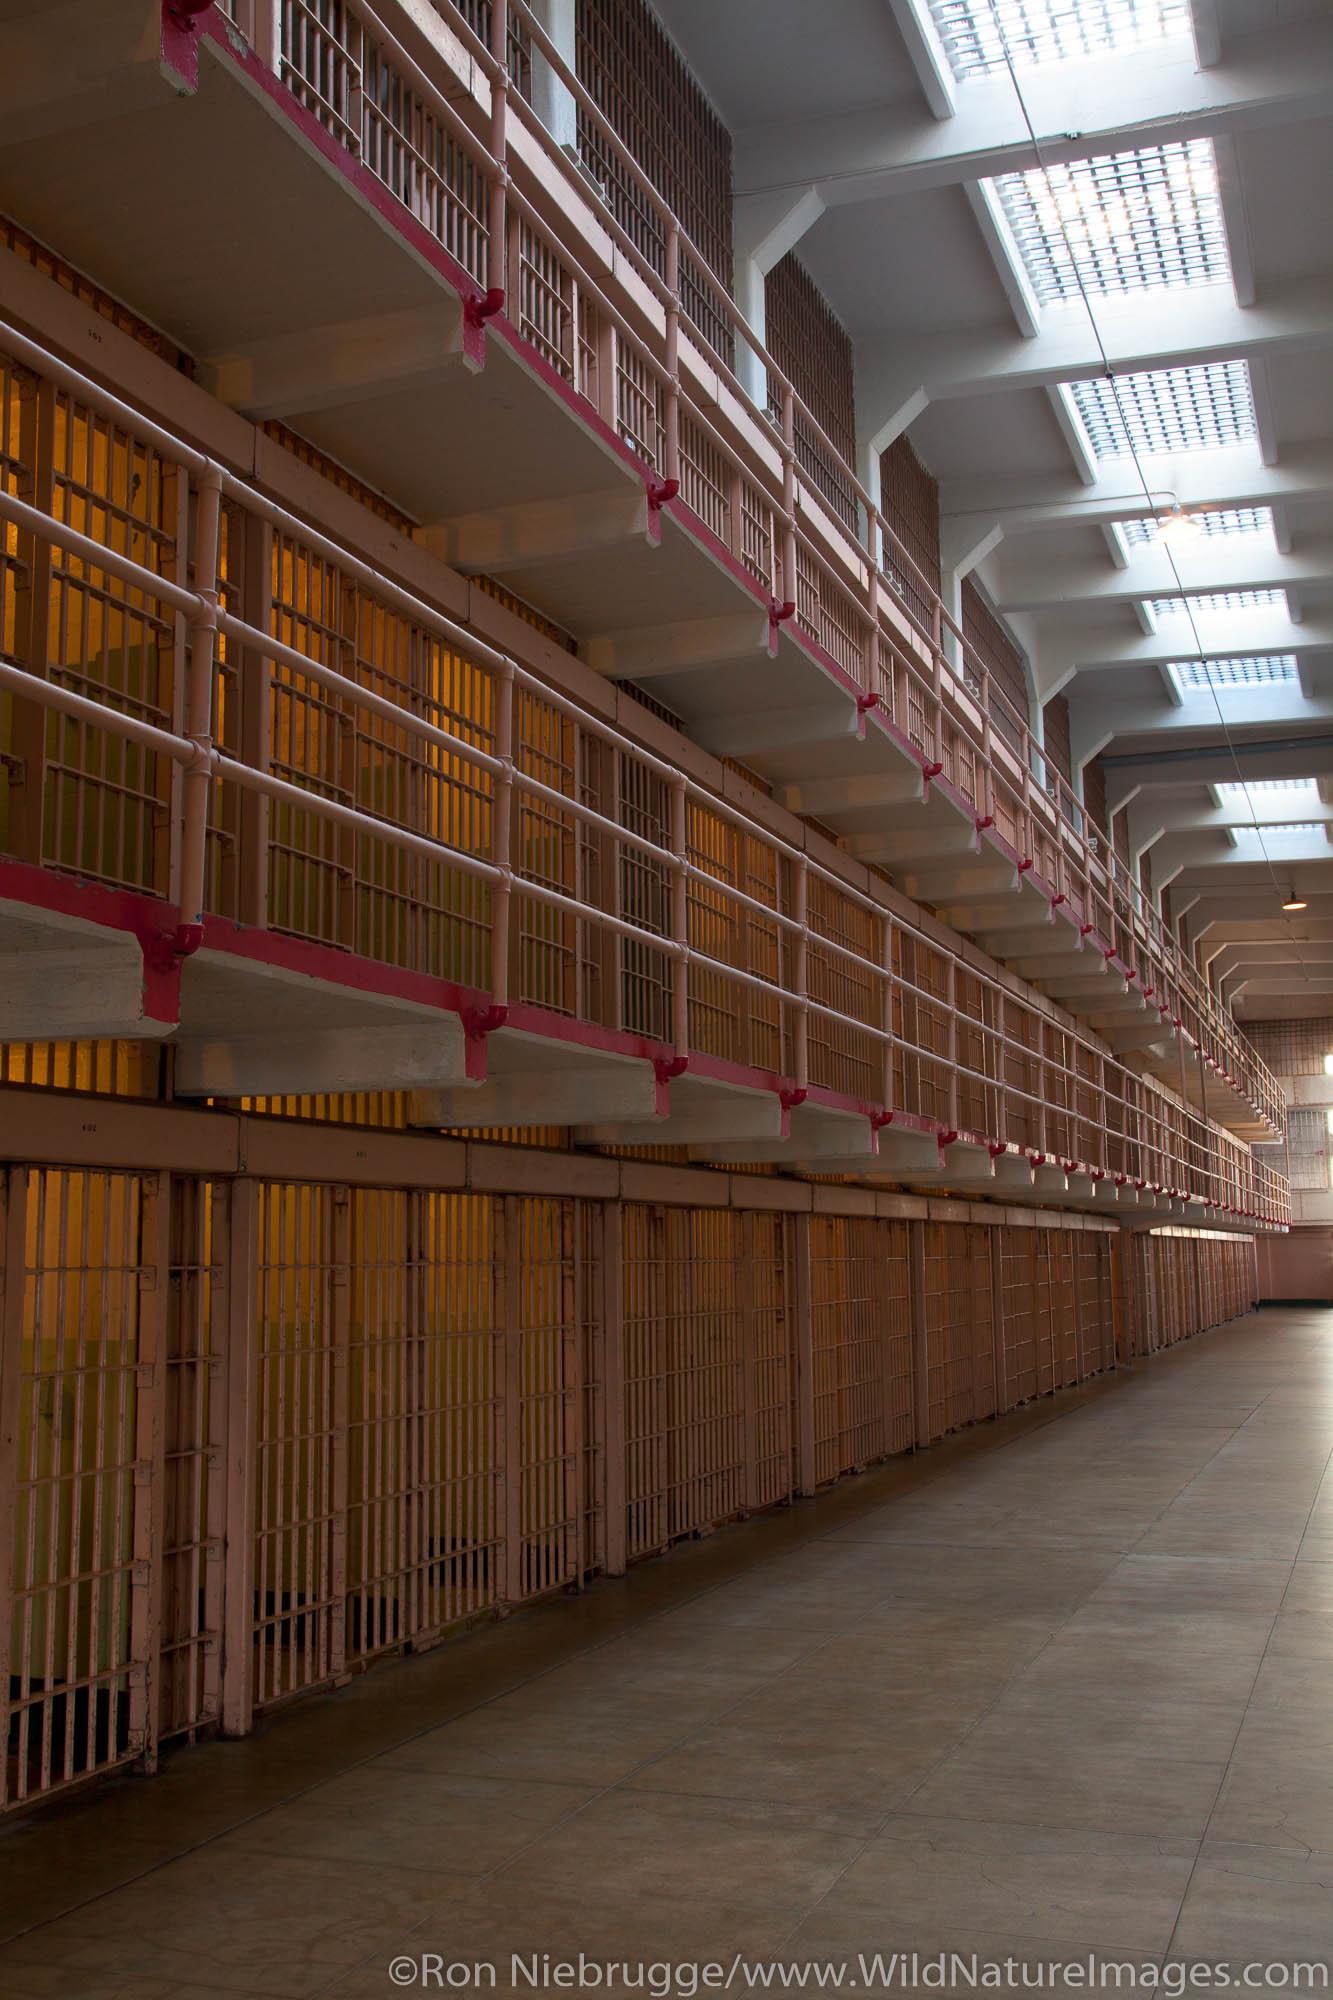 Inside Cellhouse at Alcatraz, Broadway C & D Block, San Francisco, CA